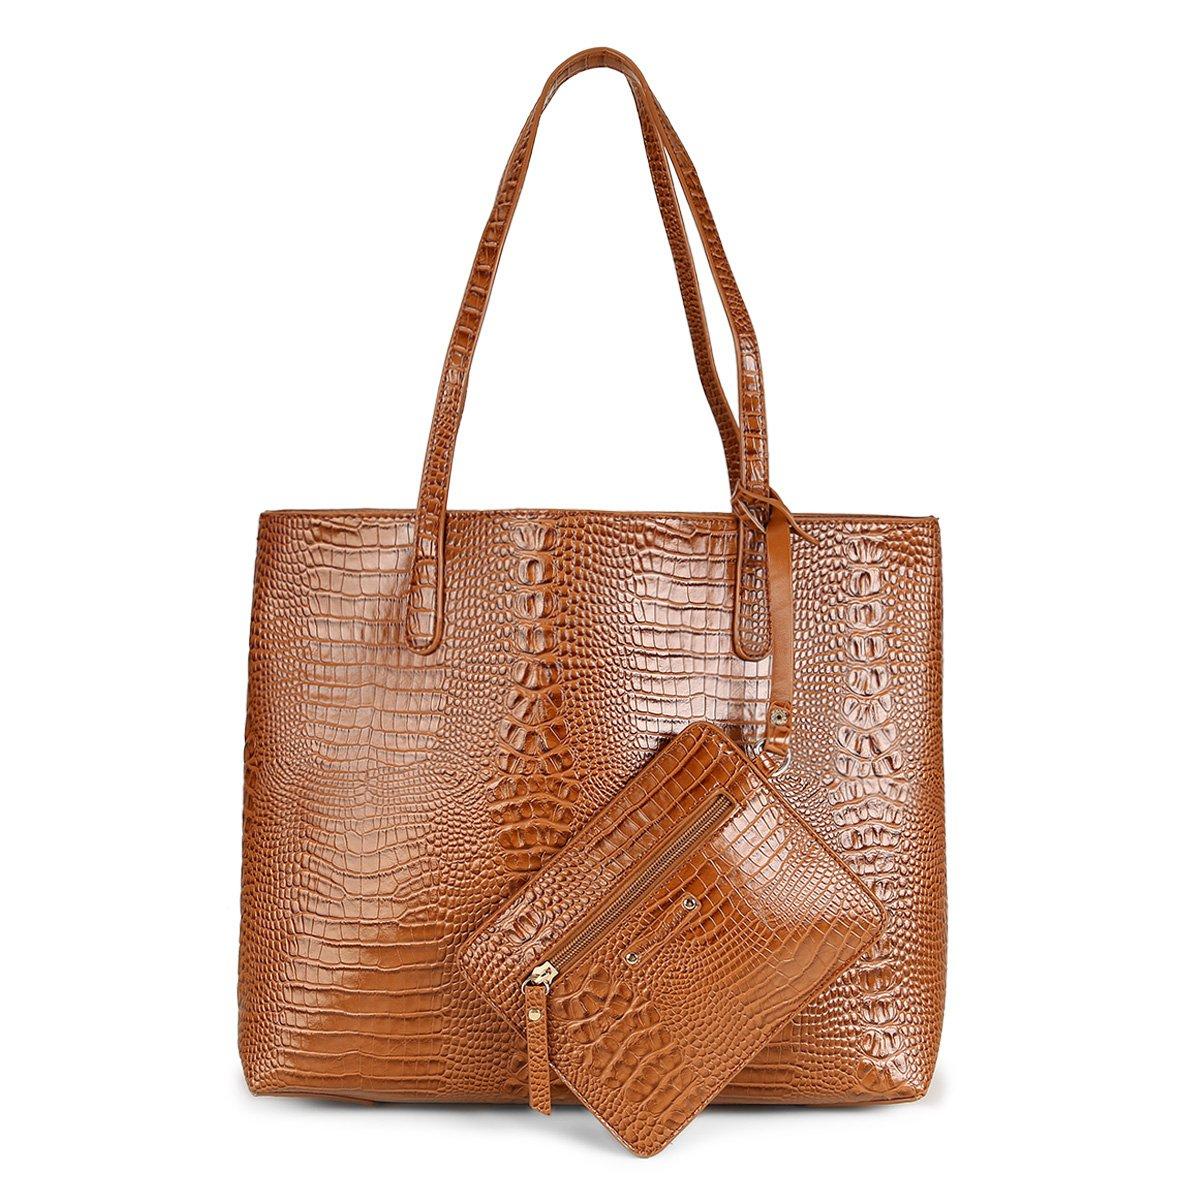 aa5b575e40ff6 Bolsa Shoestock Tote Mari com Necessaire Feminina - Compre Agora ...